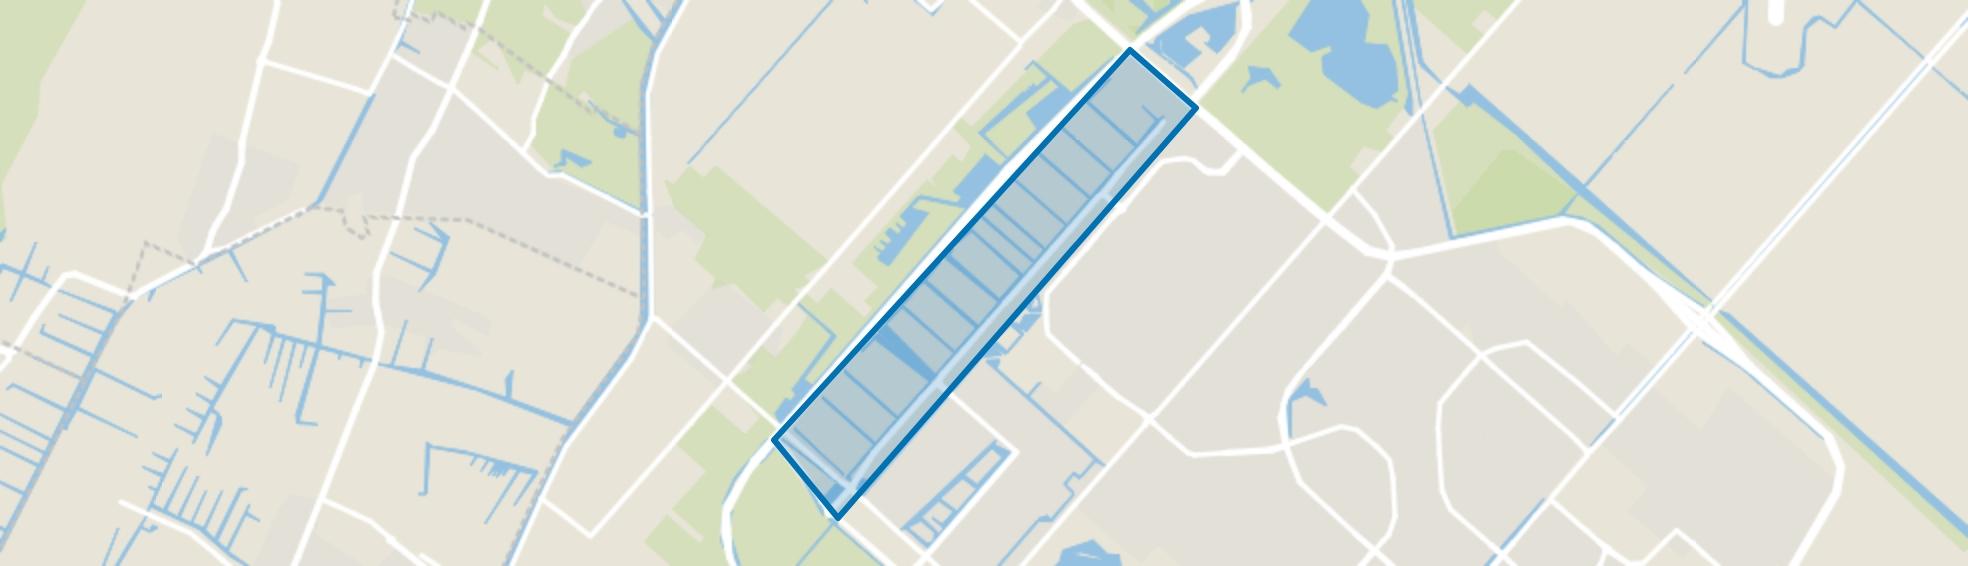 Hoofddorp Floriande West, Hoofddorp map